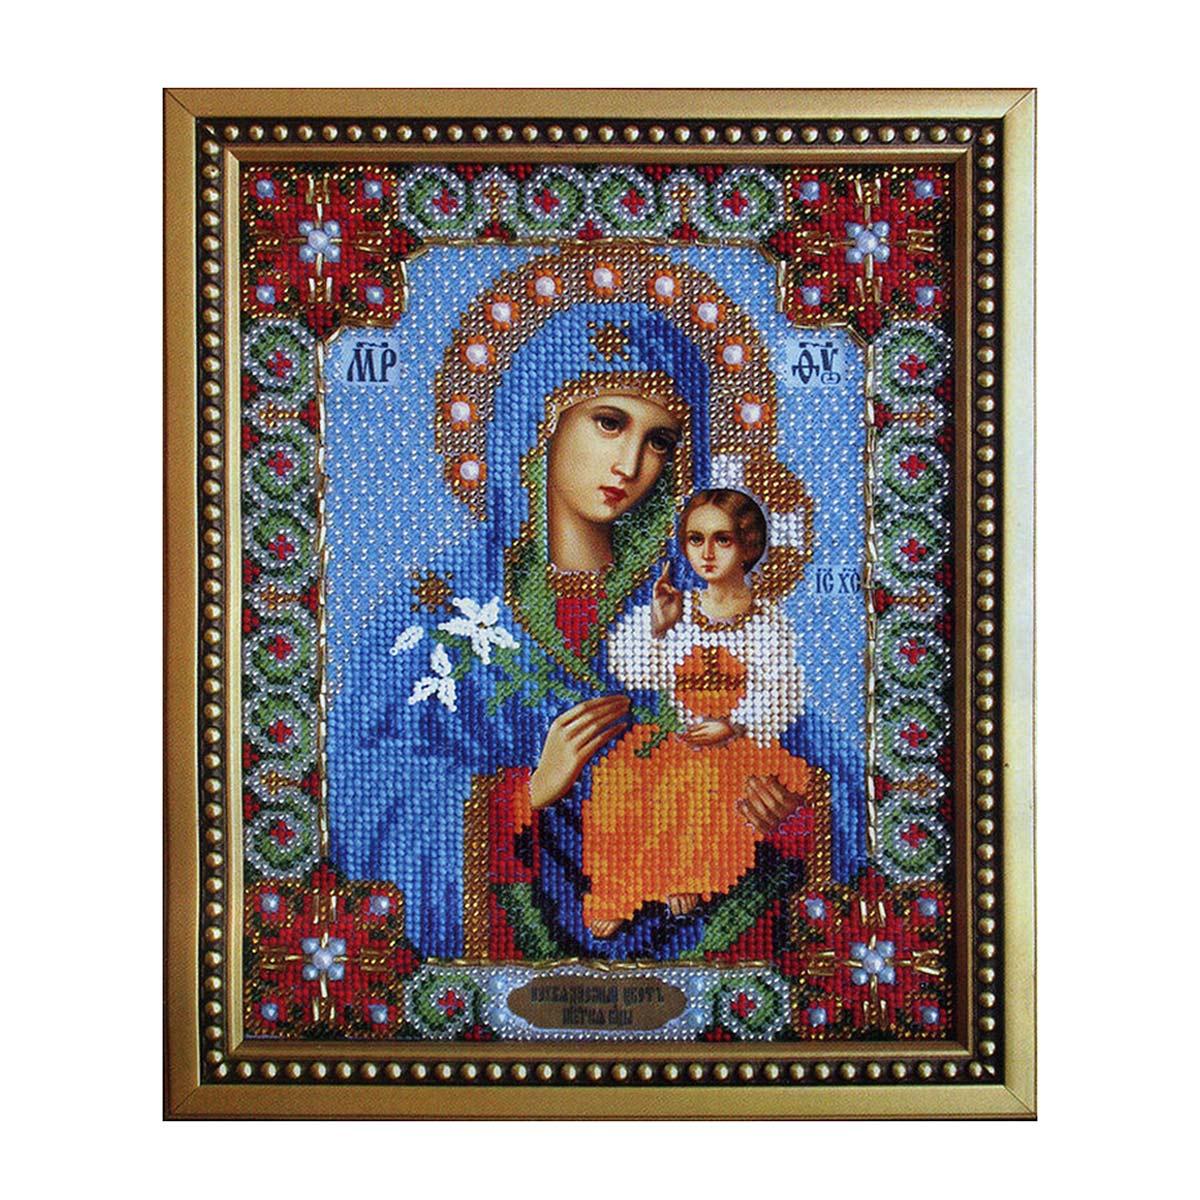 Б-1010 Набор для вышивания бисером 'Чарівна Мить' 'Икона Божьей Матери Неувядаемый цвет', 17,8*22,5 см